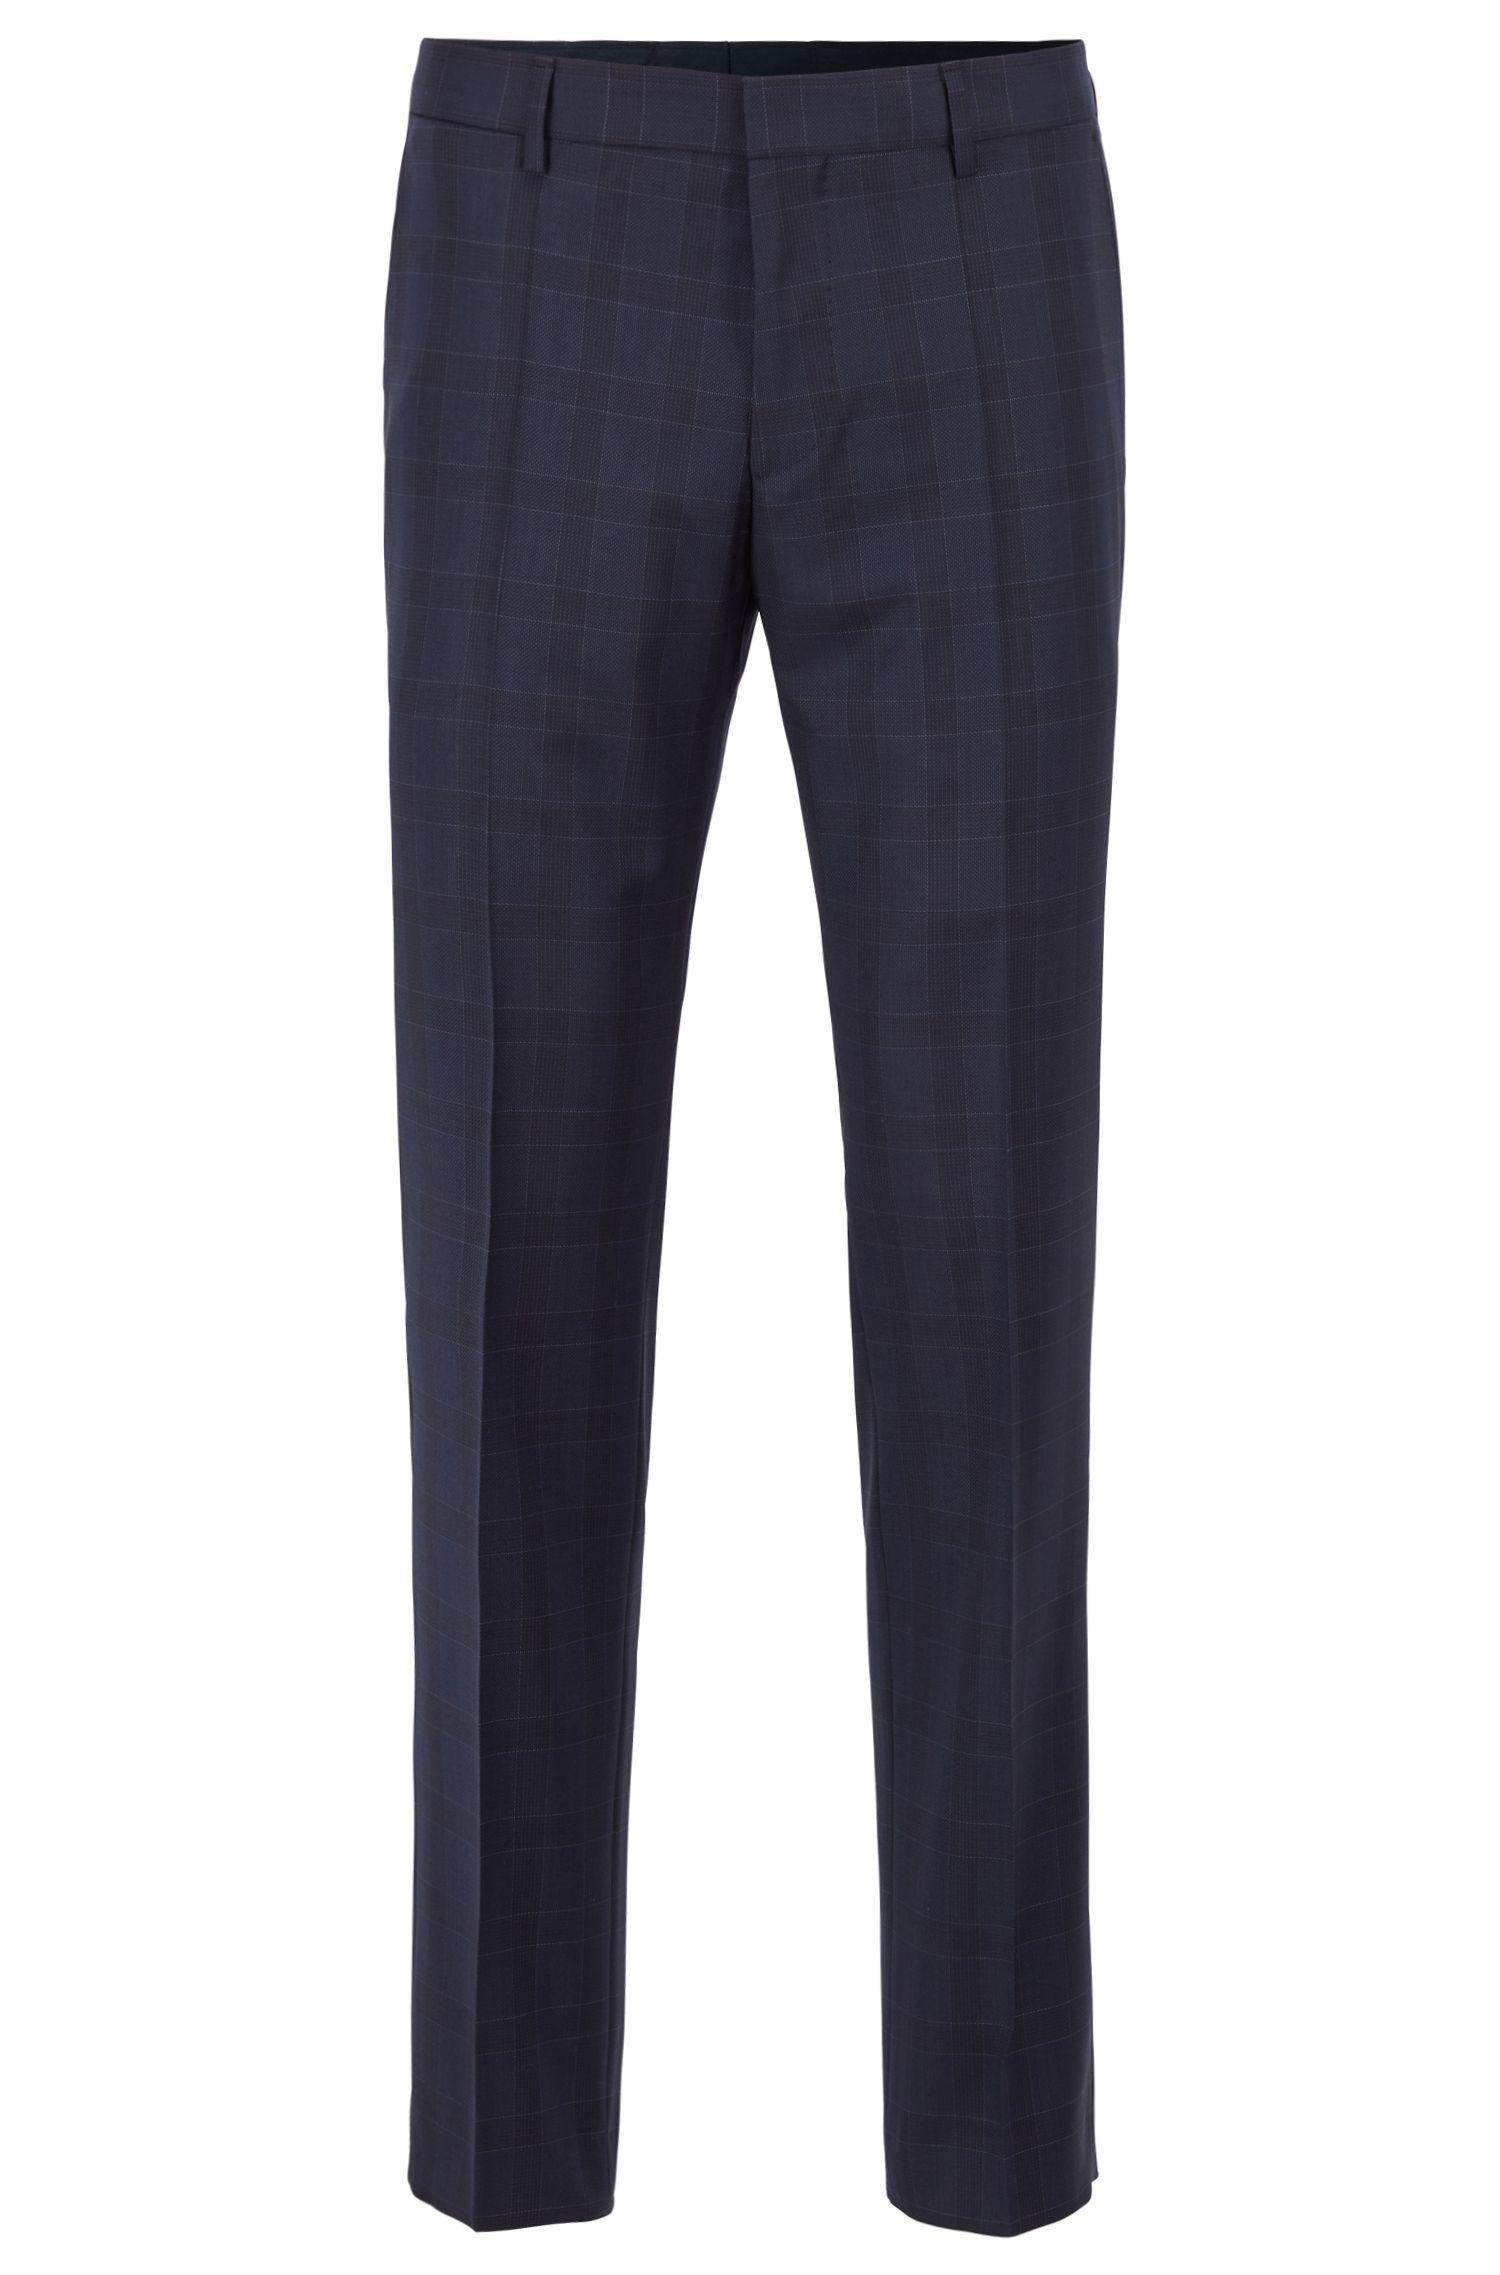 Pantaloni slim fit in serge di lana vergine a quadri, Blu scuro